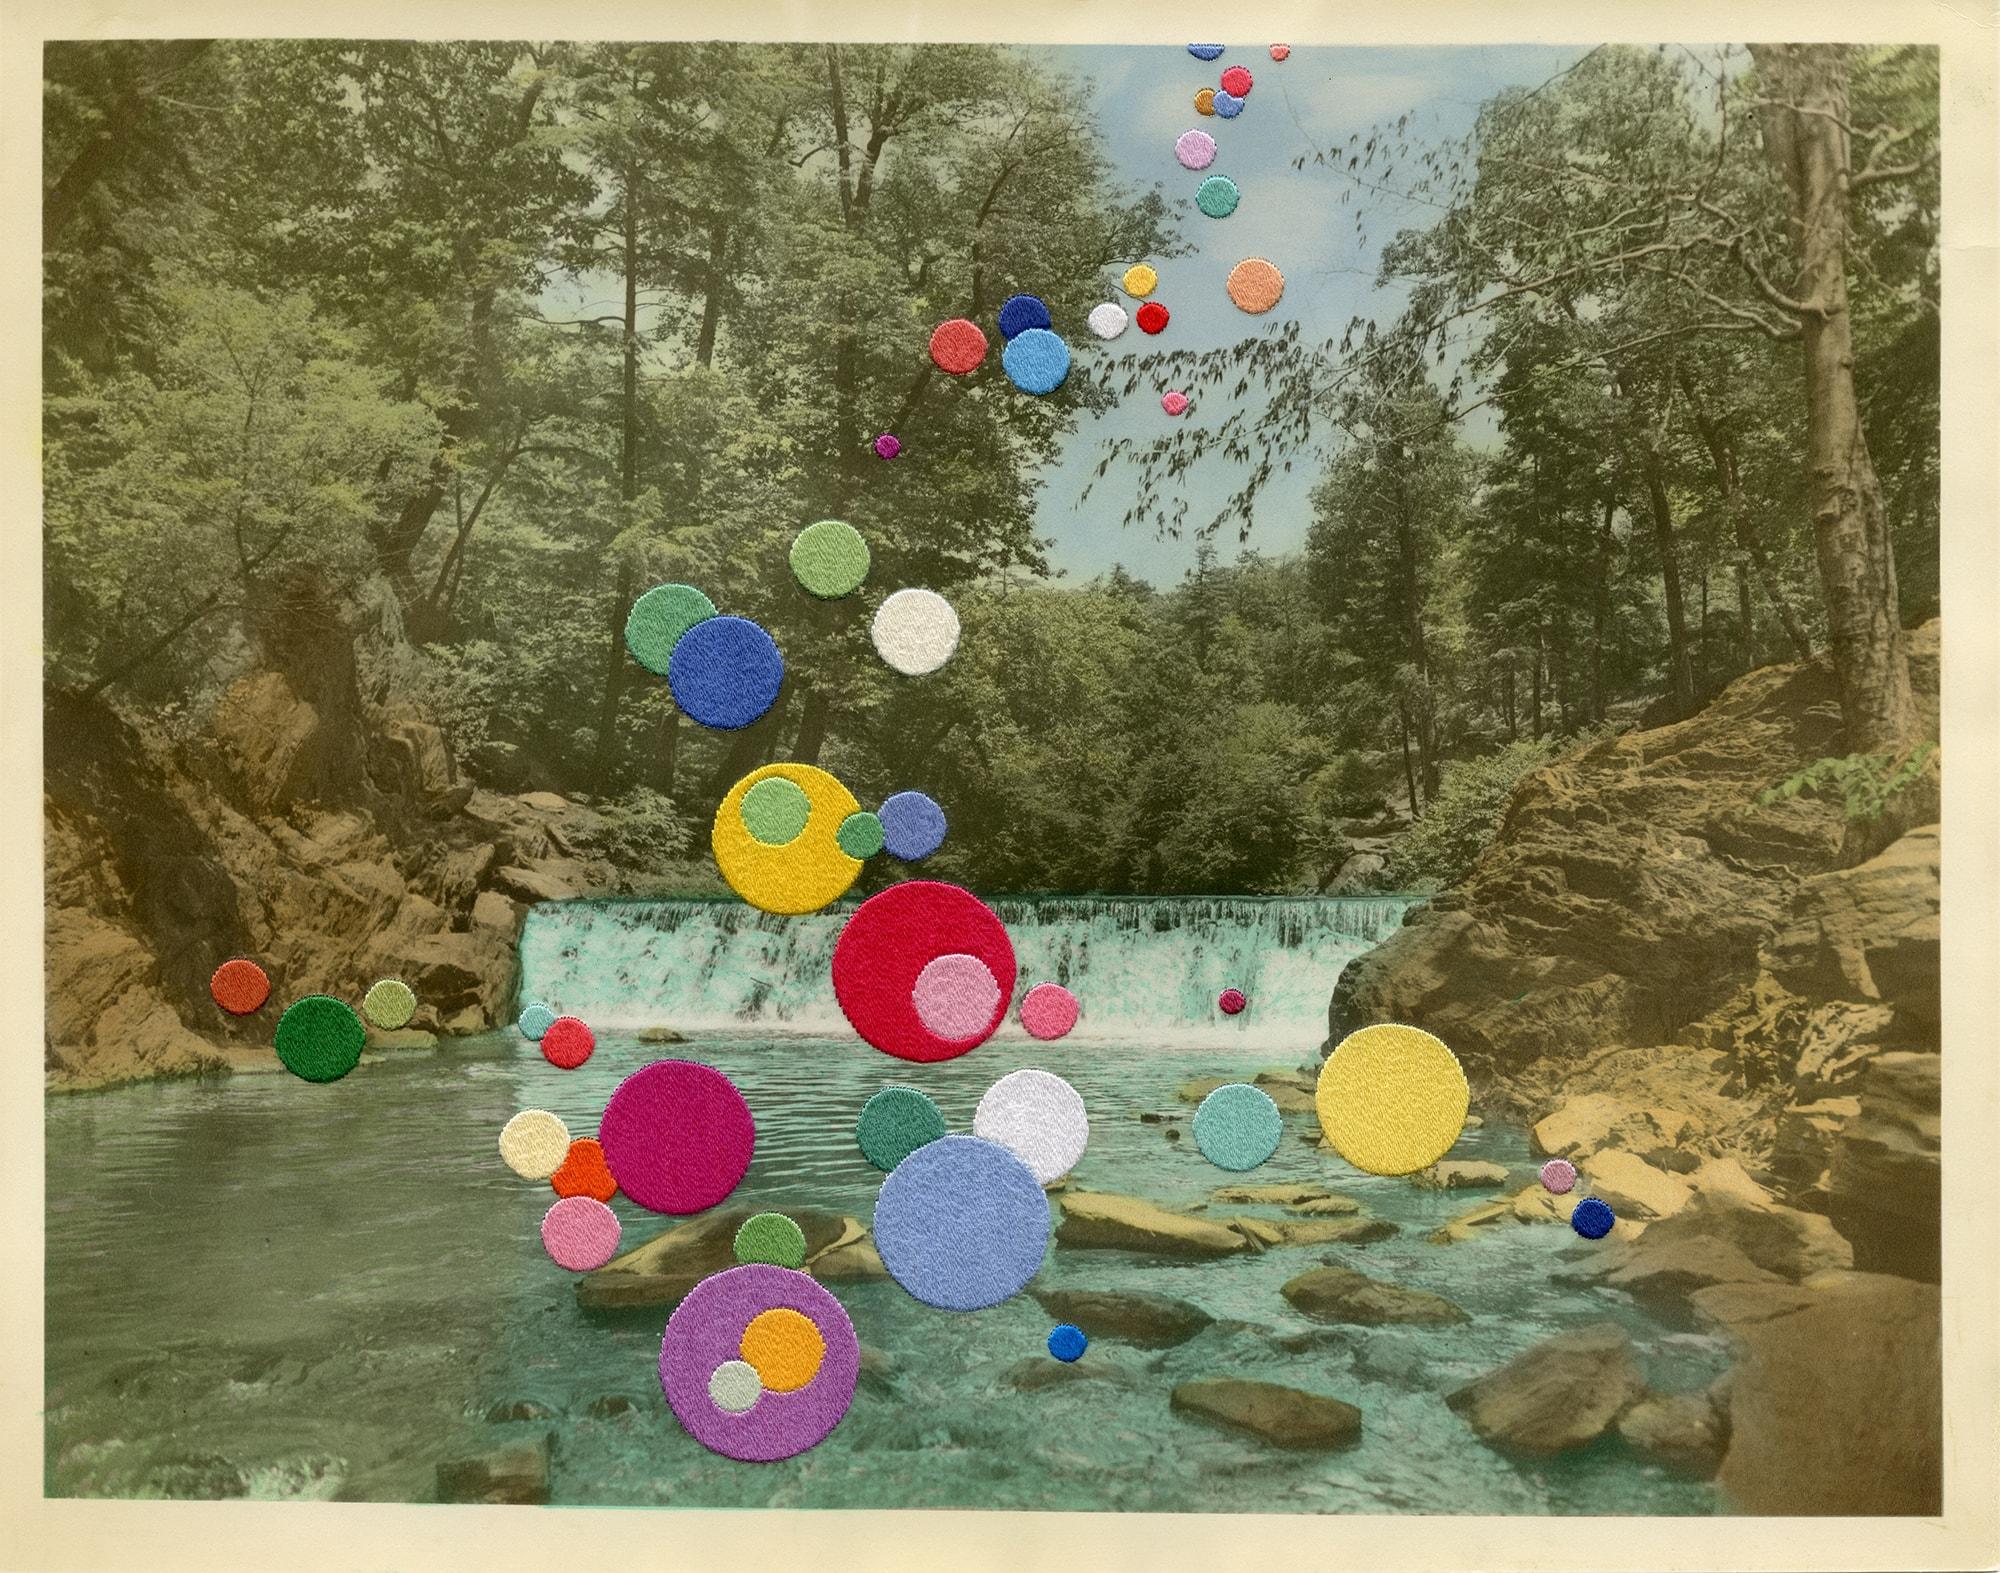 ジュリー・コックバーン「色鮮やかなグラフィックを生み出す、ファウンドフォトとの対話」 | Glade 2018 Hand embroidery on found photograph © Julie Cockburn, Courtesy of Hopstreet Gallery